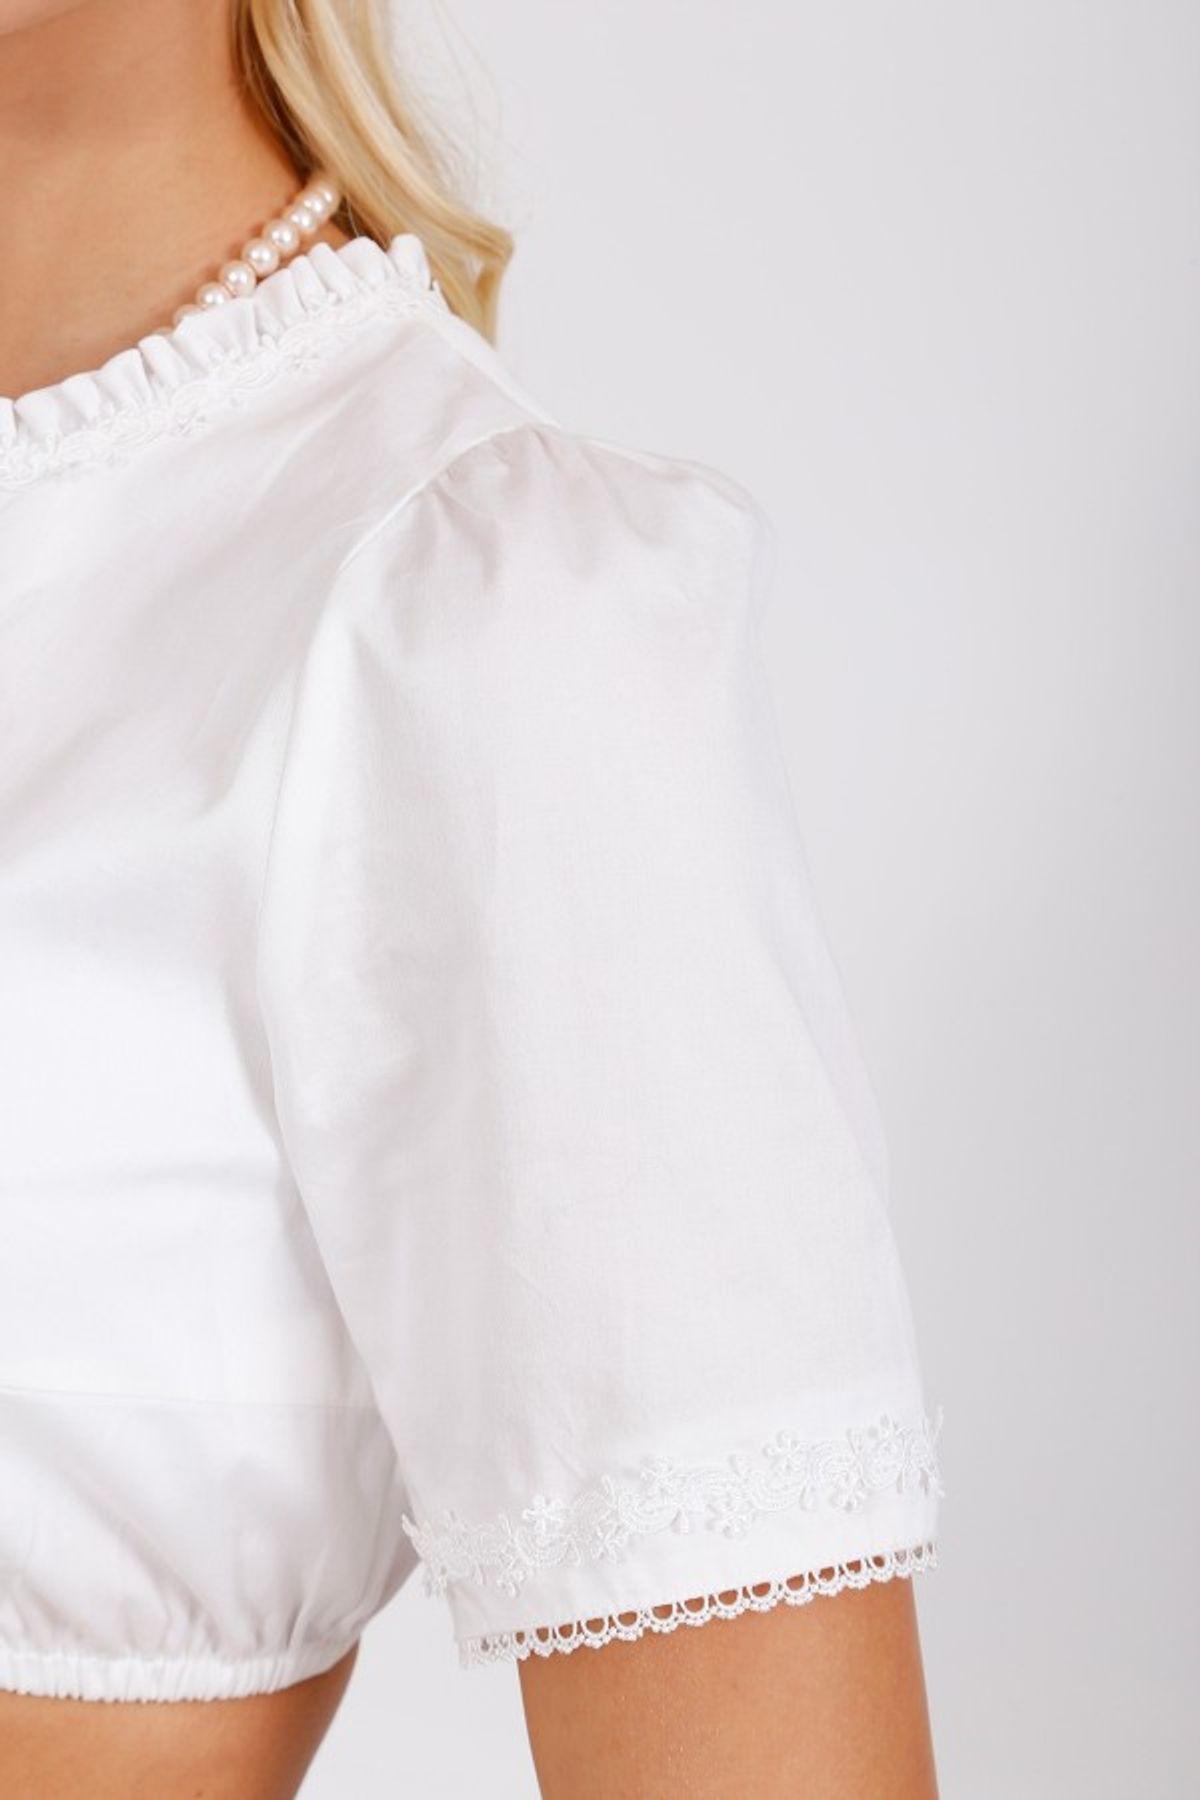 Krüger - Damen Dirndlbluse in weiß, Charlotte (25103-1) – Bild 4